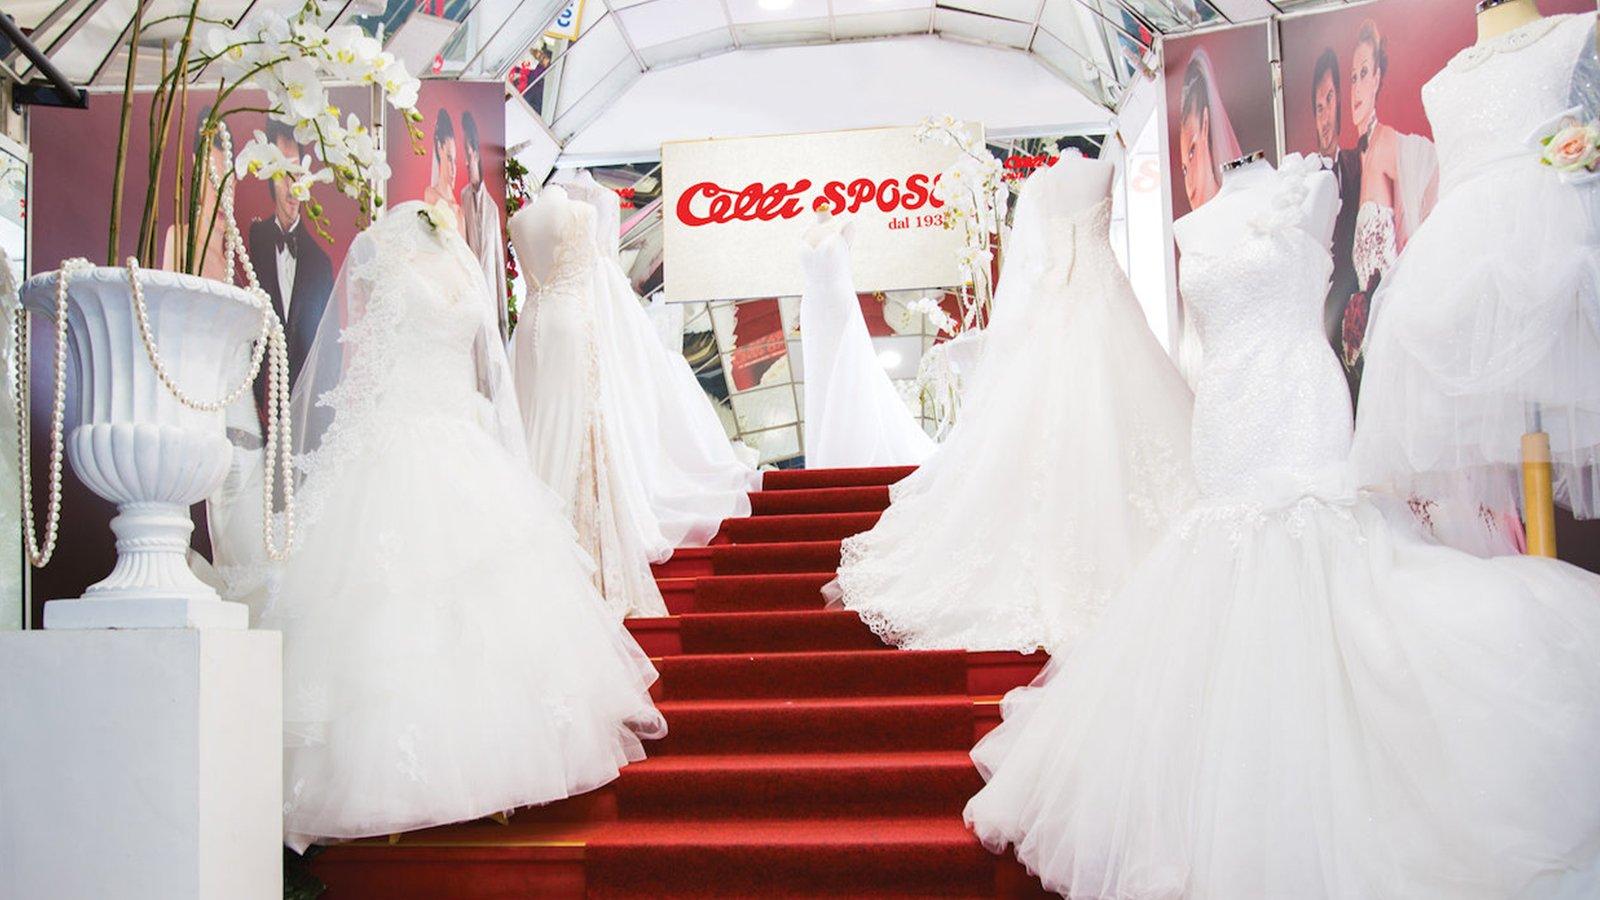 Degli abiti da sposa di color bianco